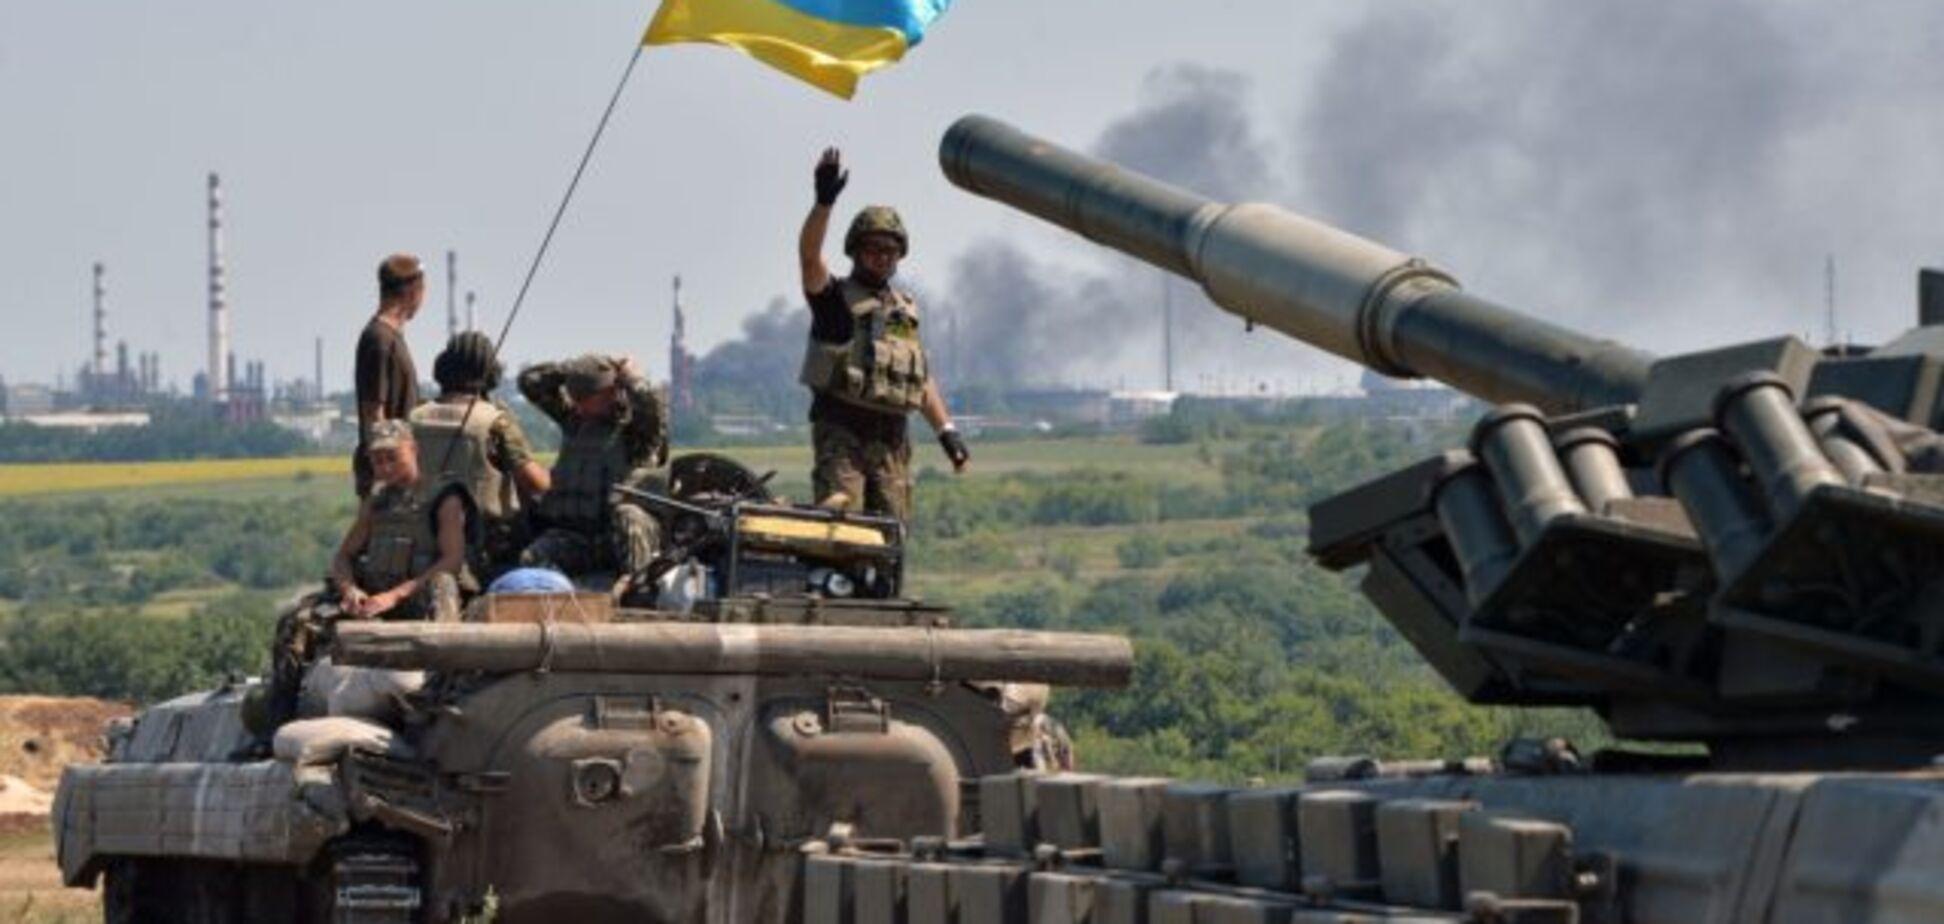 'Слышь, Олька... А давай его грохнем?': історія дива українського бійця